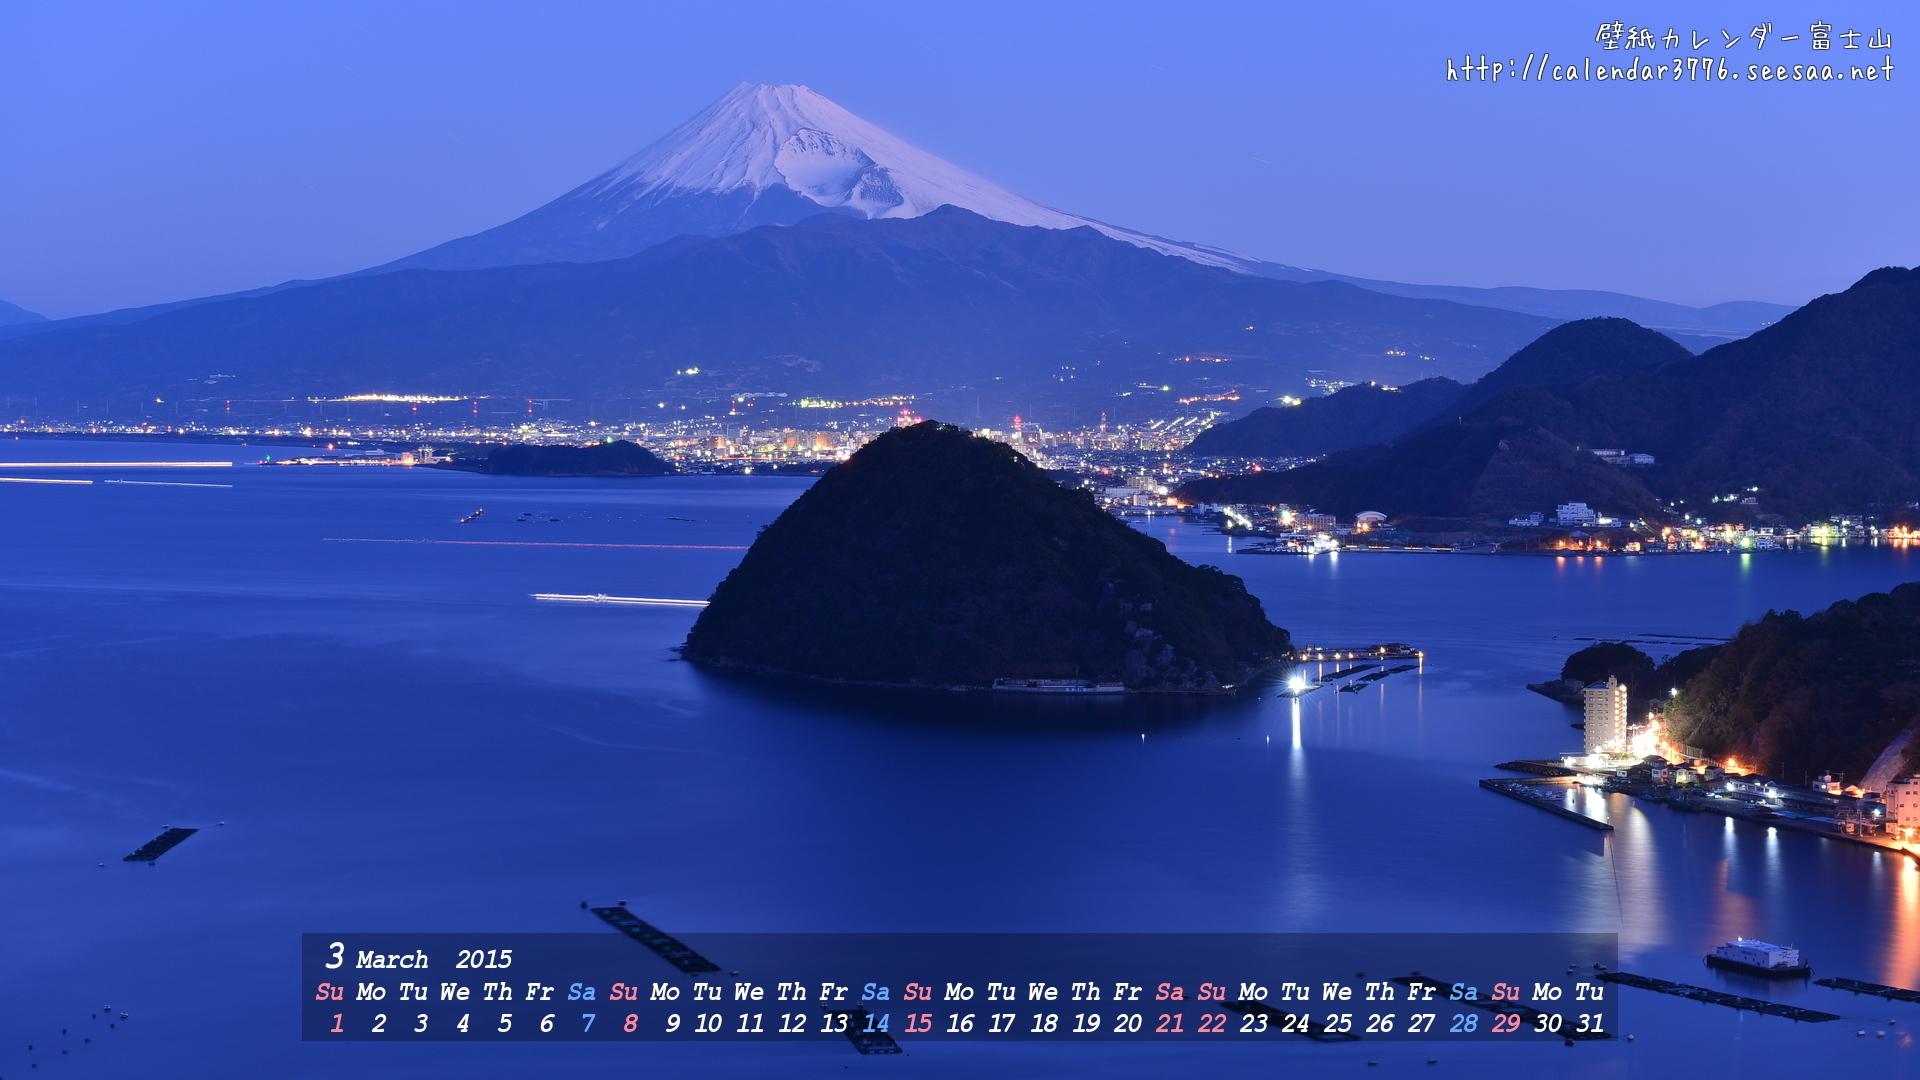 壁紙カレンダー富士山 15年3月 未明の伊豆半島より 壁紙 カレンダー 富士山